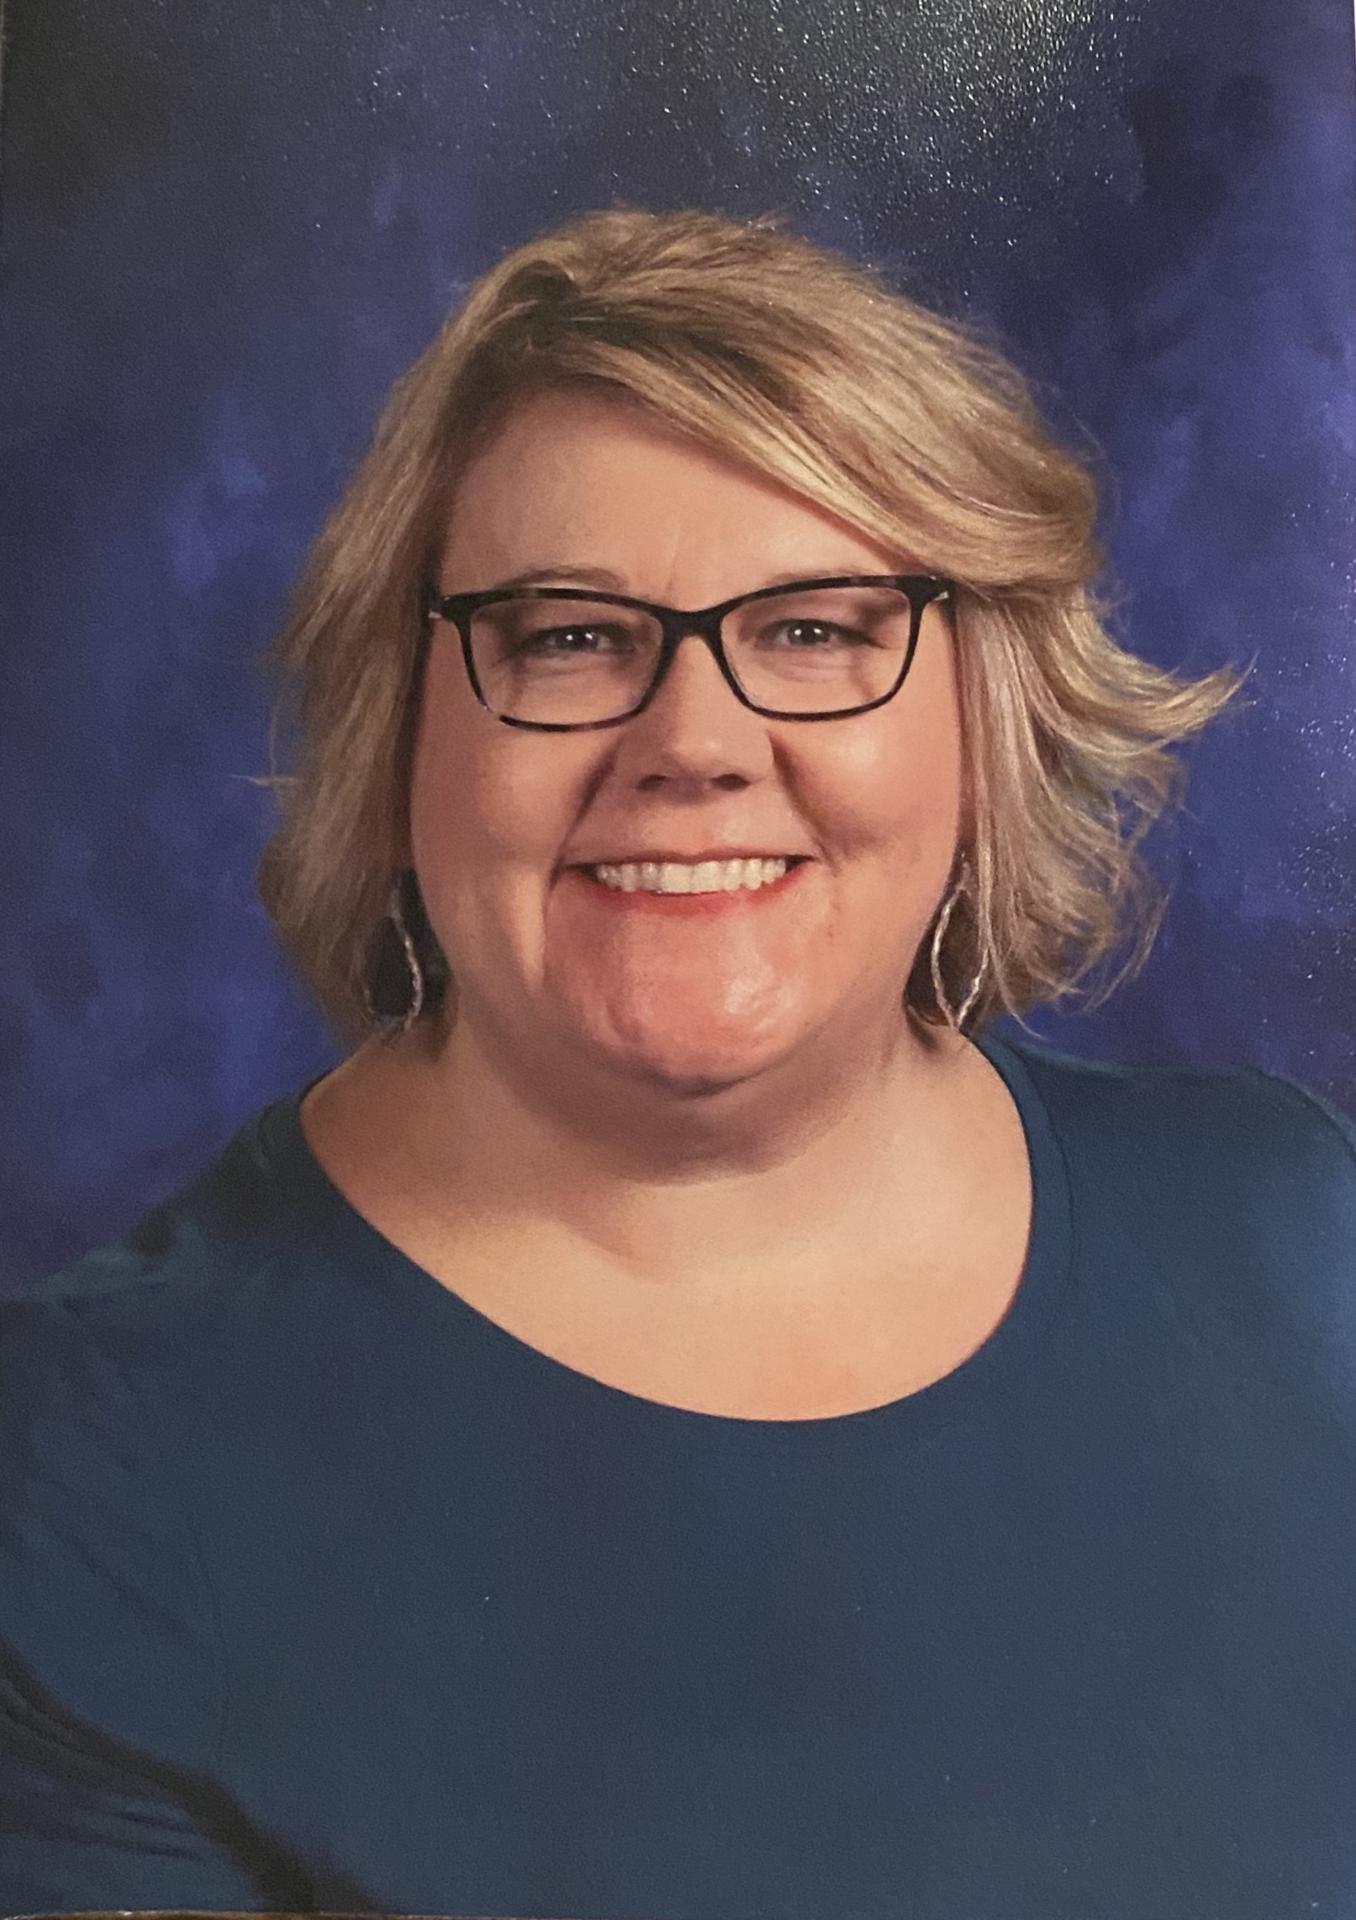 Principal Rachel Storment